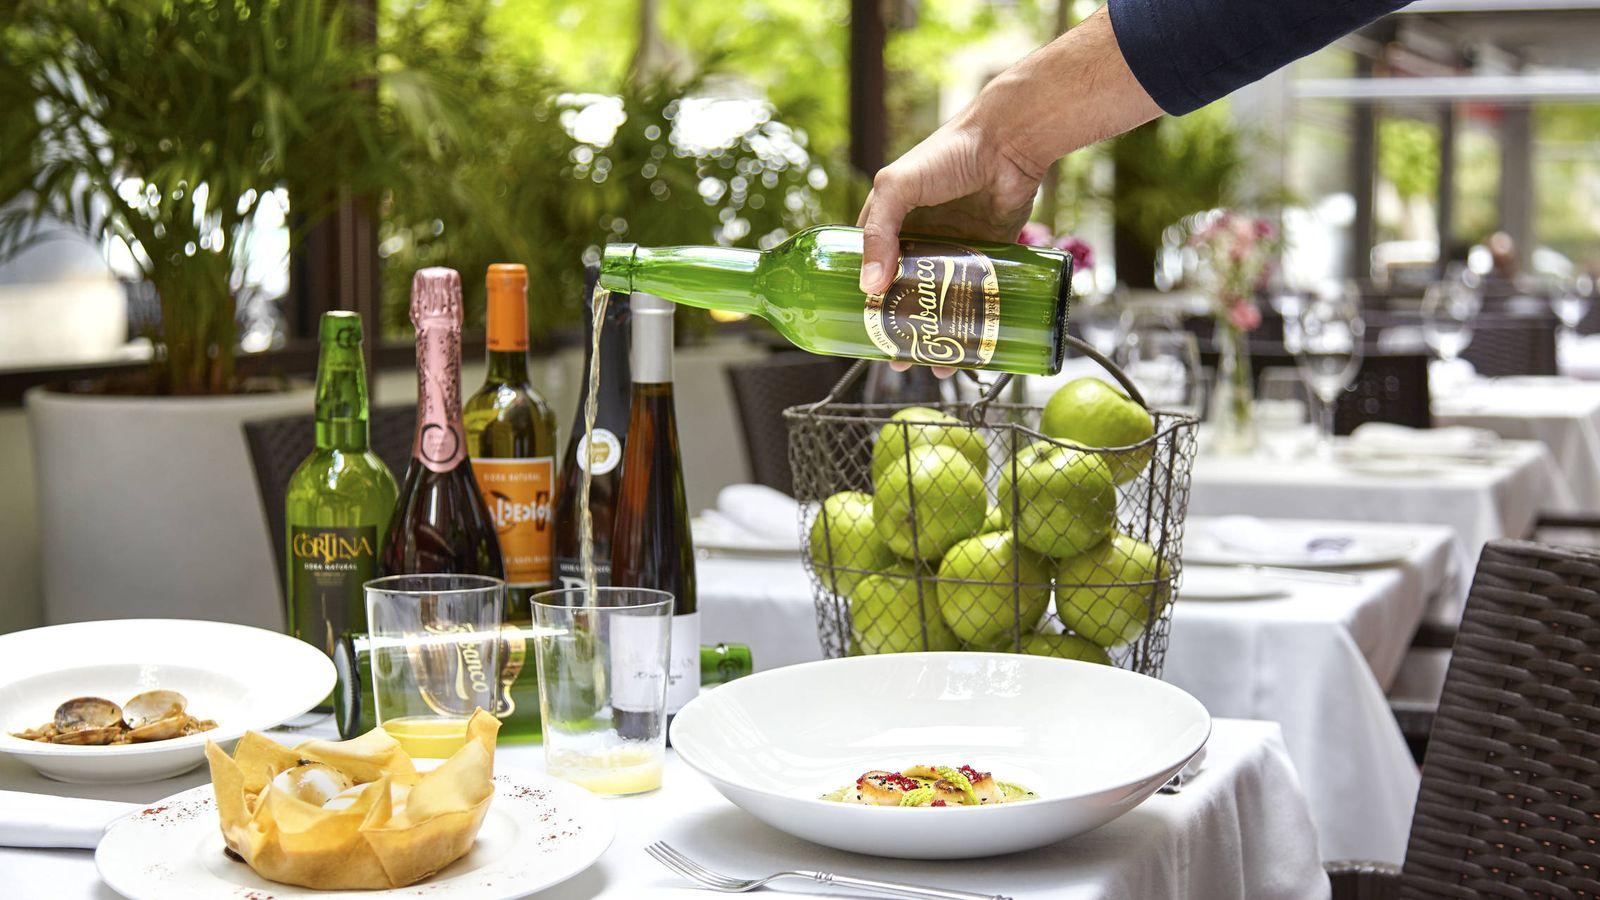 Tendencias gastronom a asgaya la mejor revisi n de la for Cocina asturiana